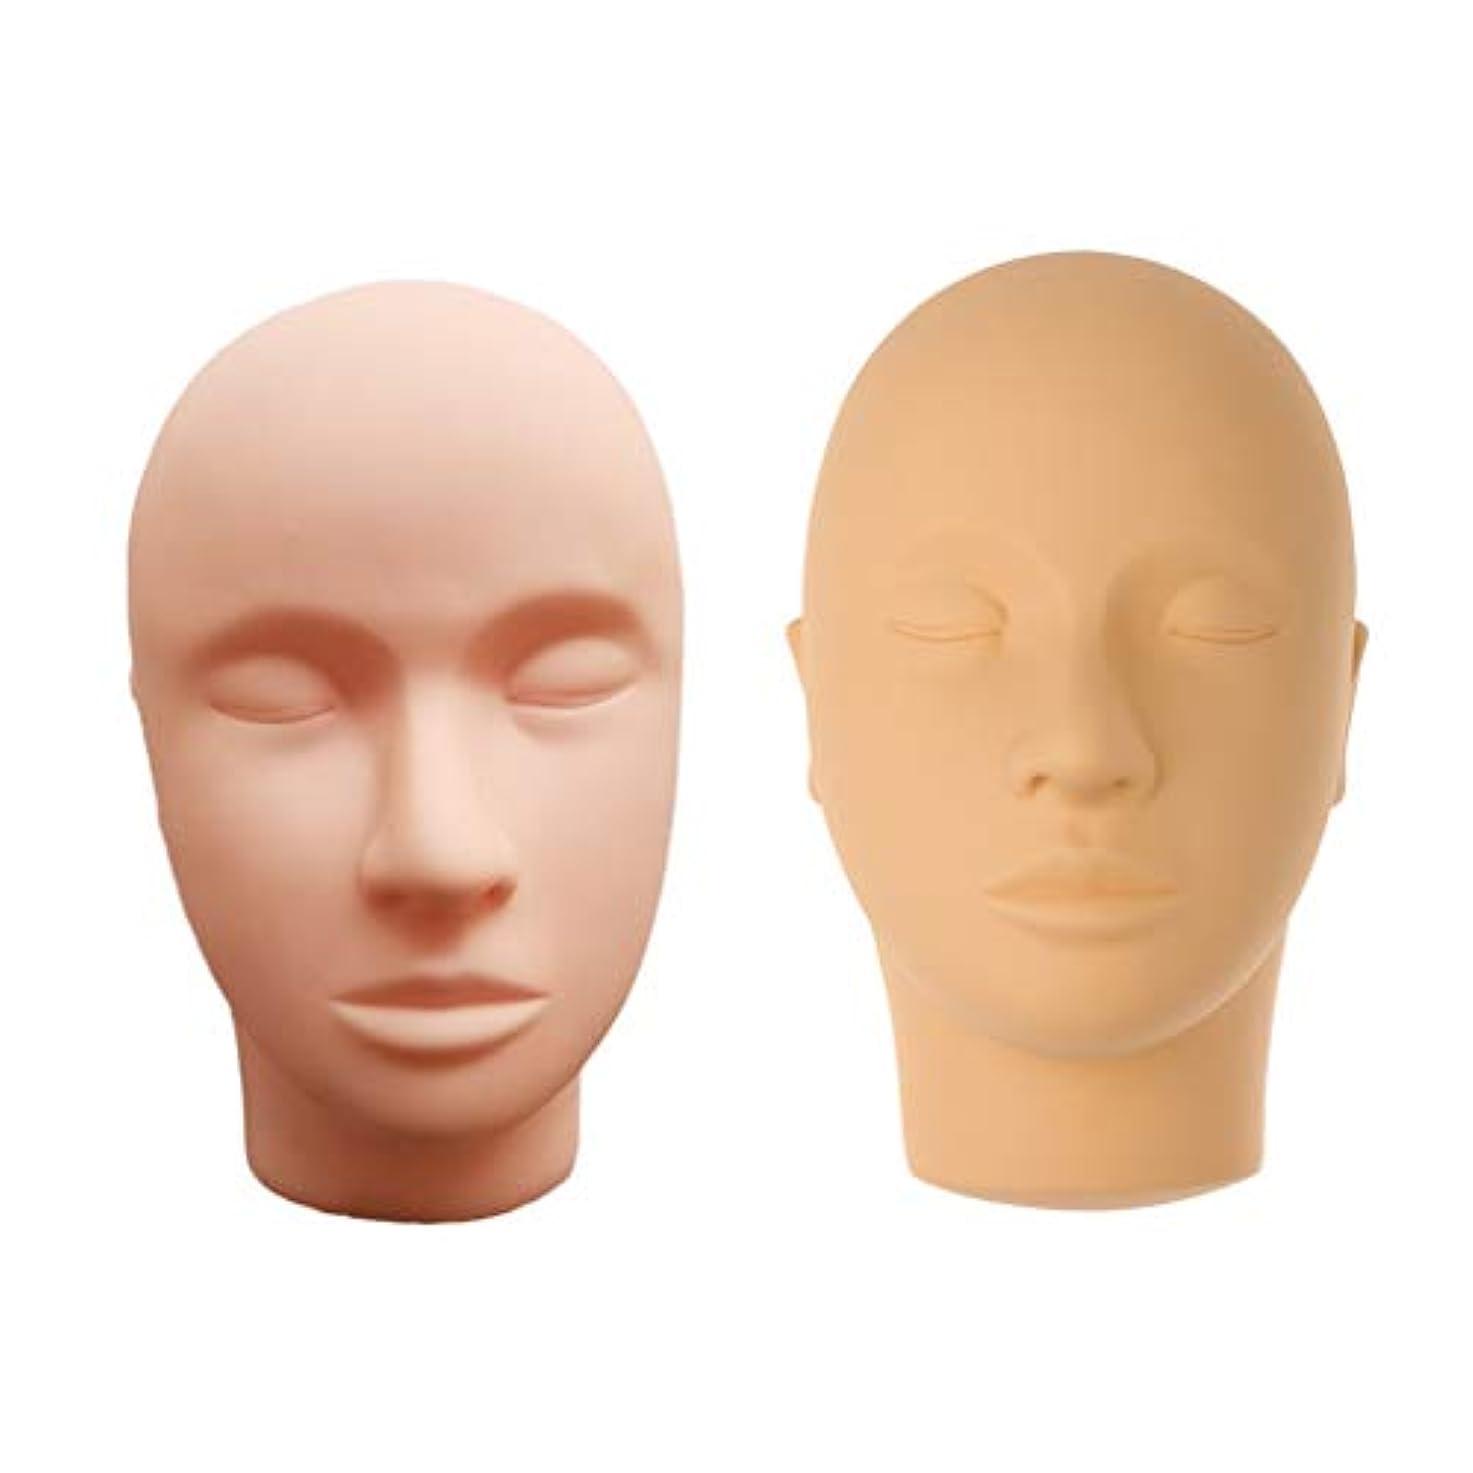 衣服現実同行するマネキンヘッド ディスプレイ 肌色 化粧練習 メイク マッサージ トレーニング 繰り返し利用